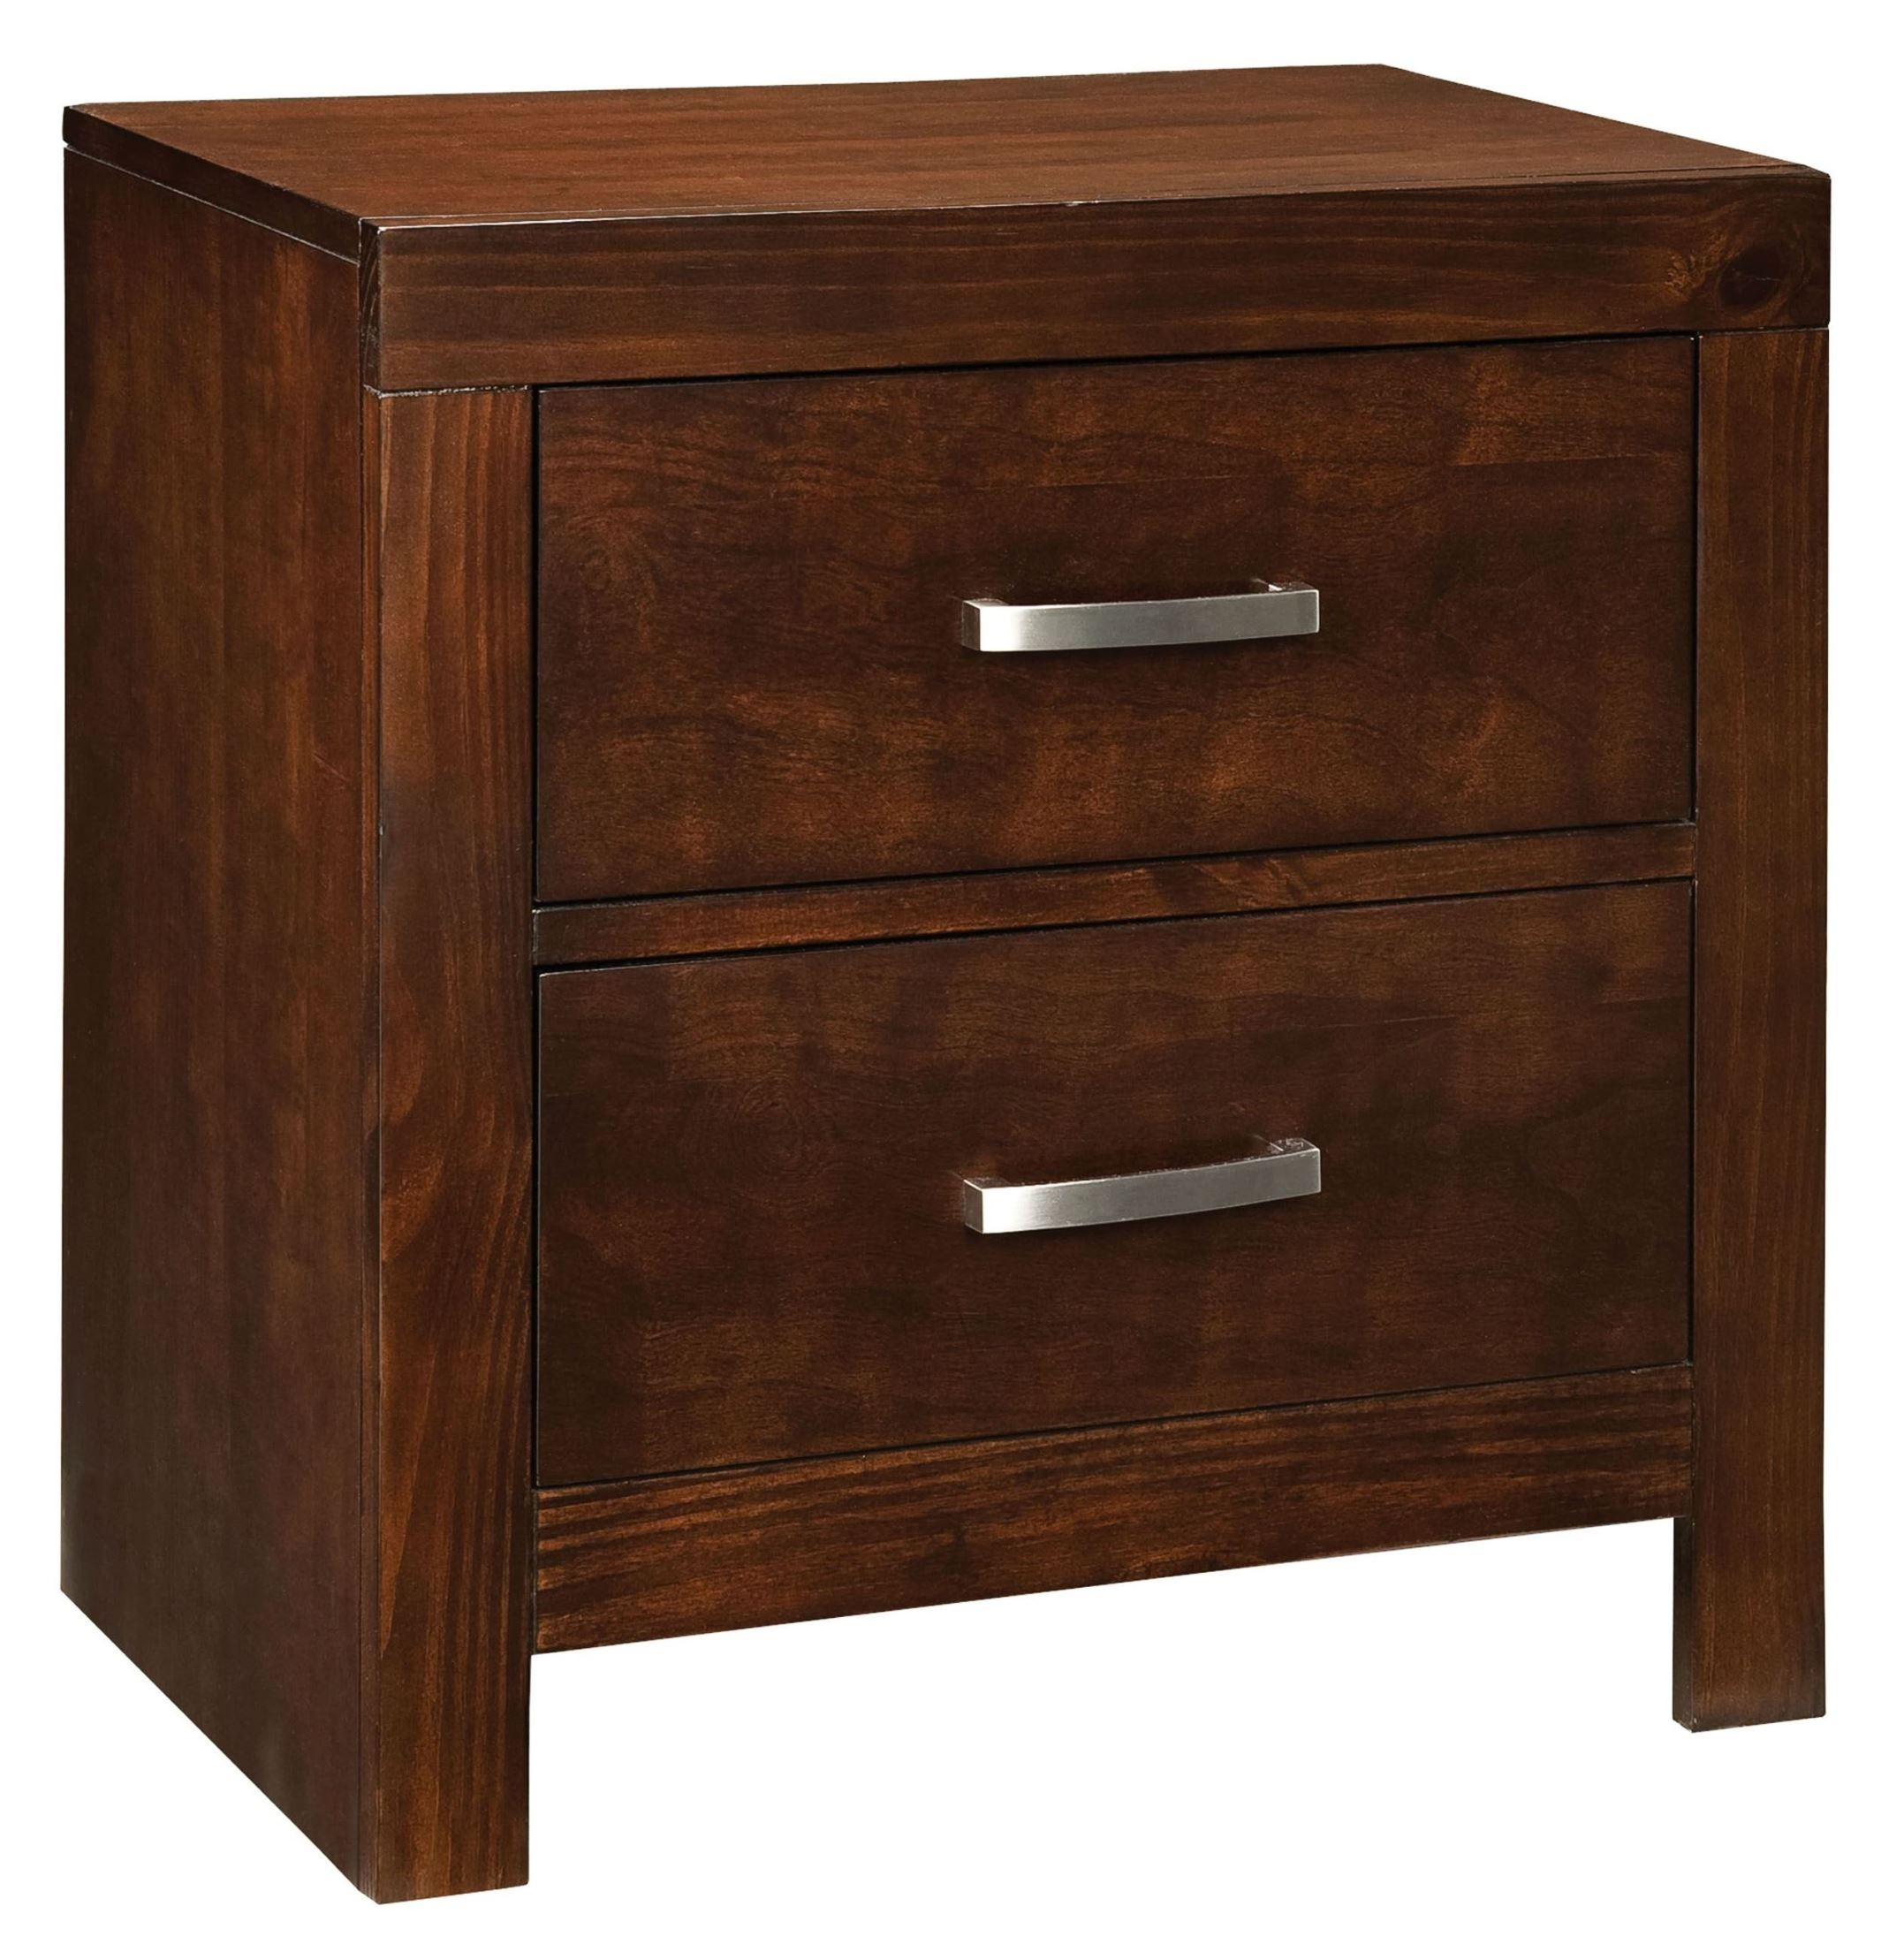 Metro Dark Merlot Panel Storage Bedroom Set From Standard 87951 87953 87952 Coleman Furniture